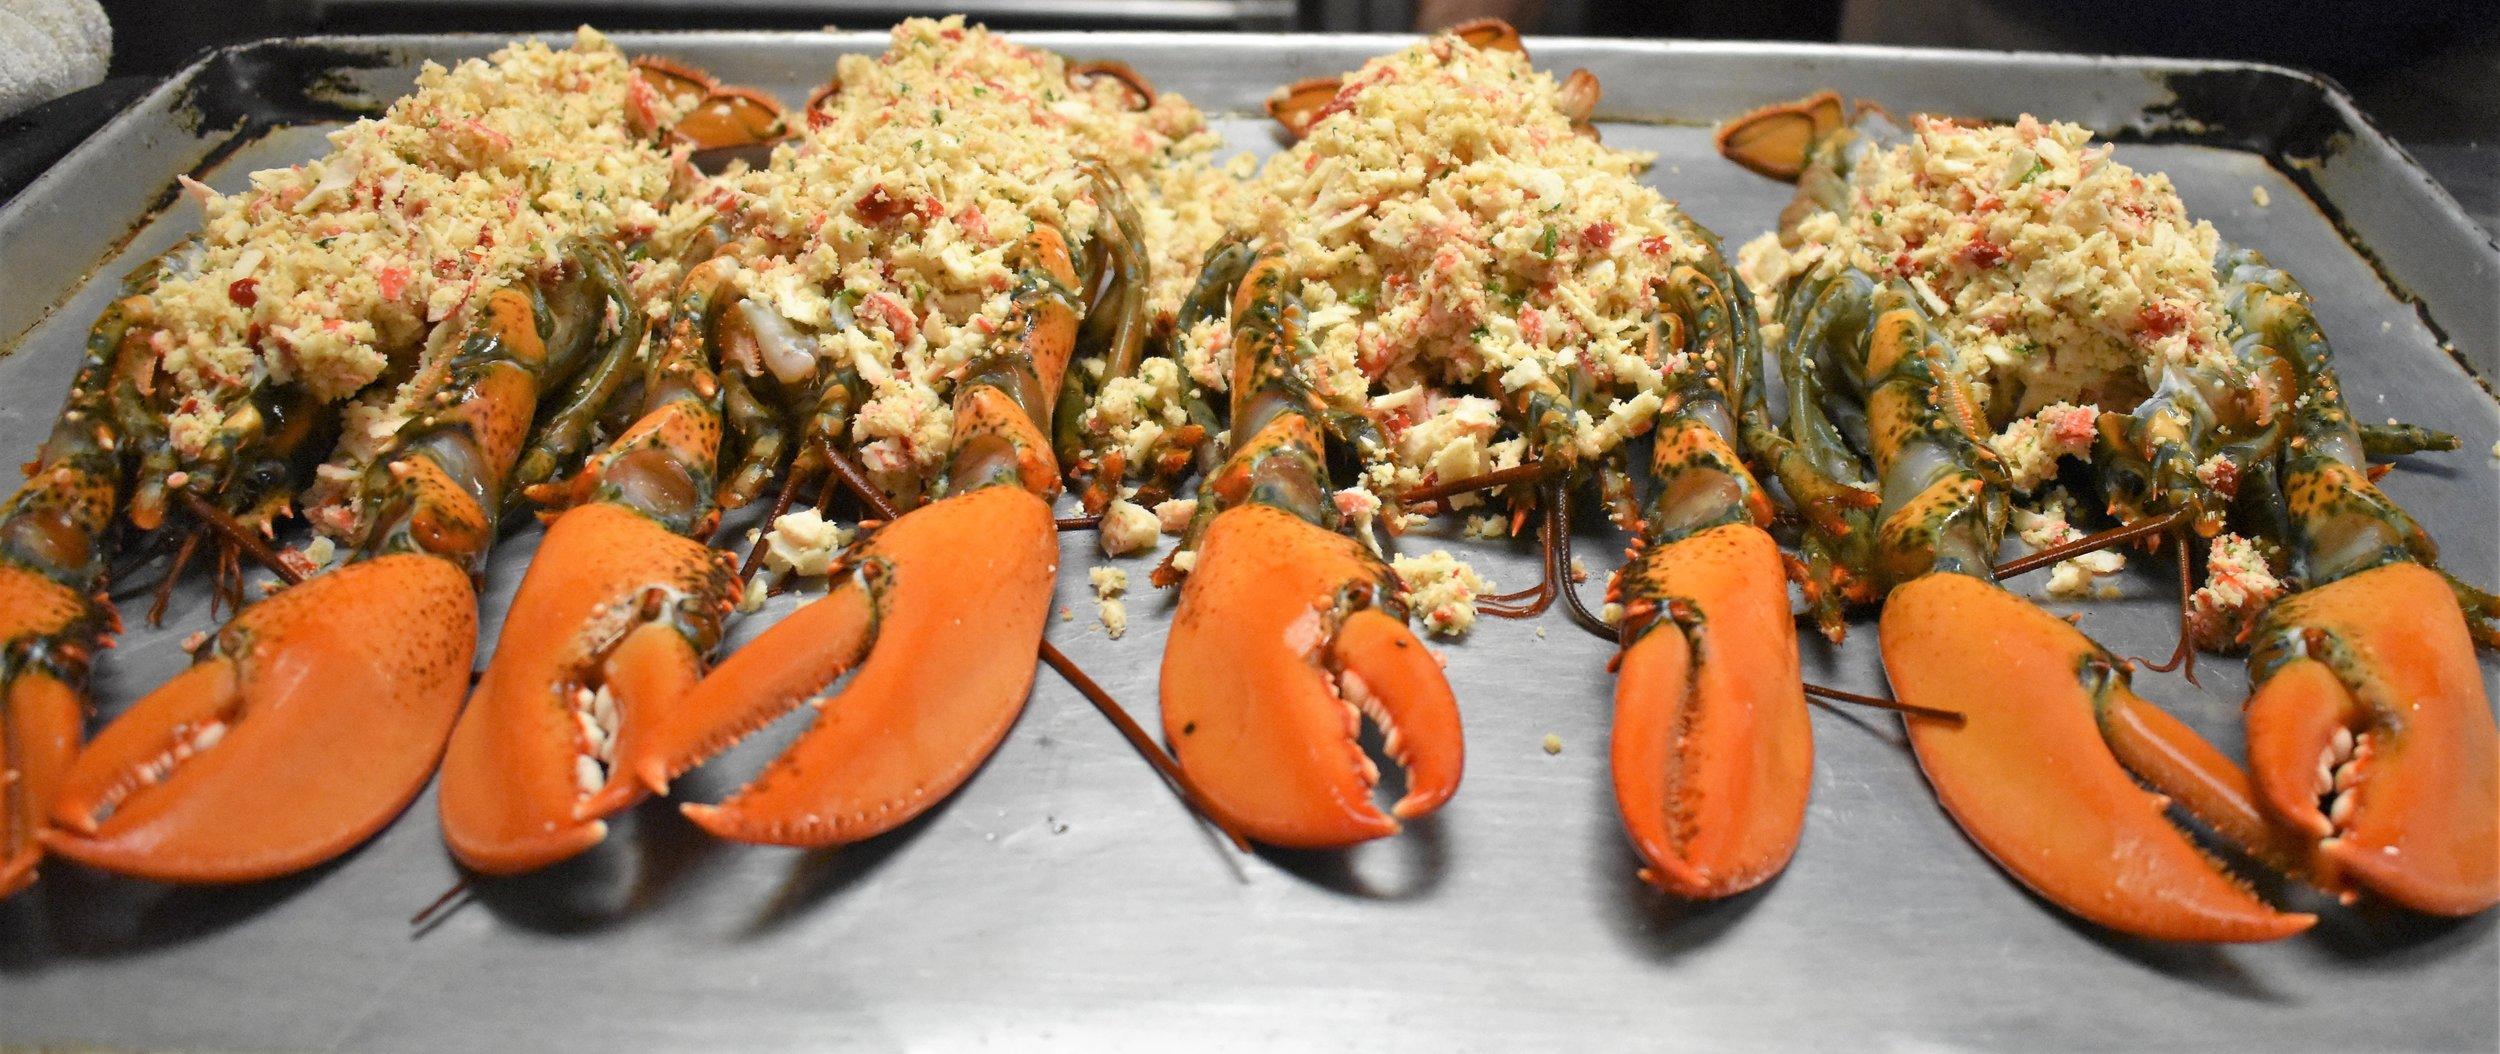 00-05 Lobster.jpg